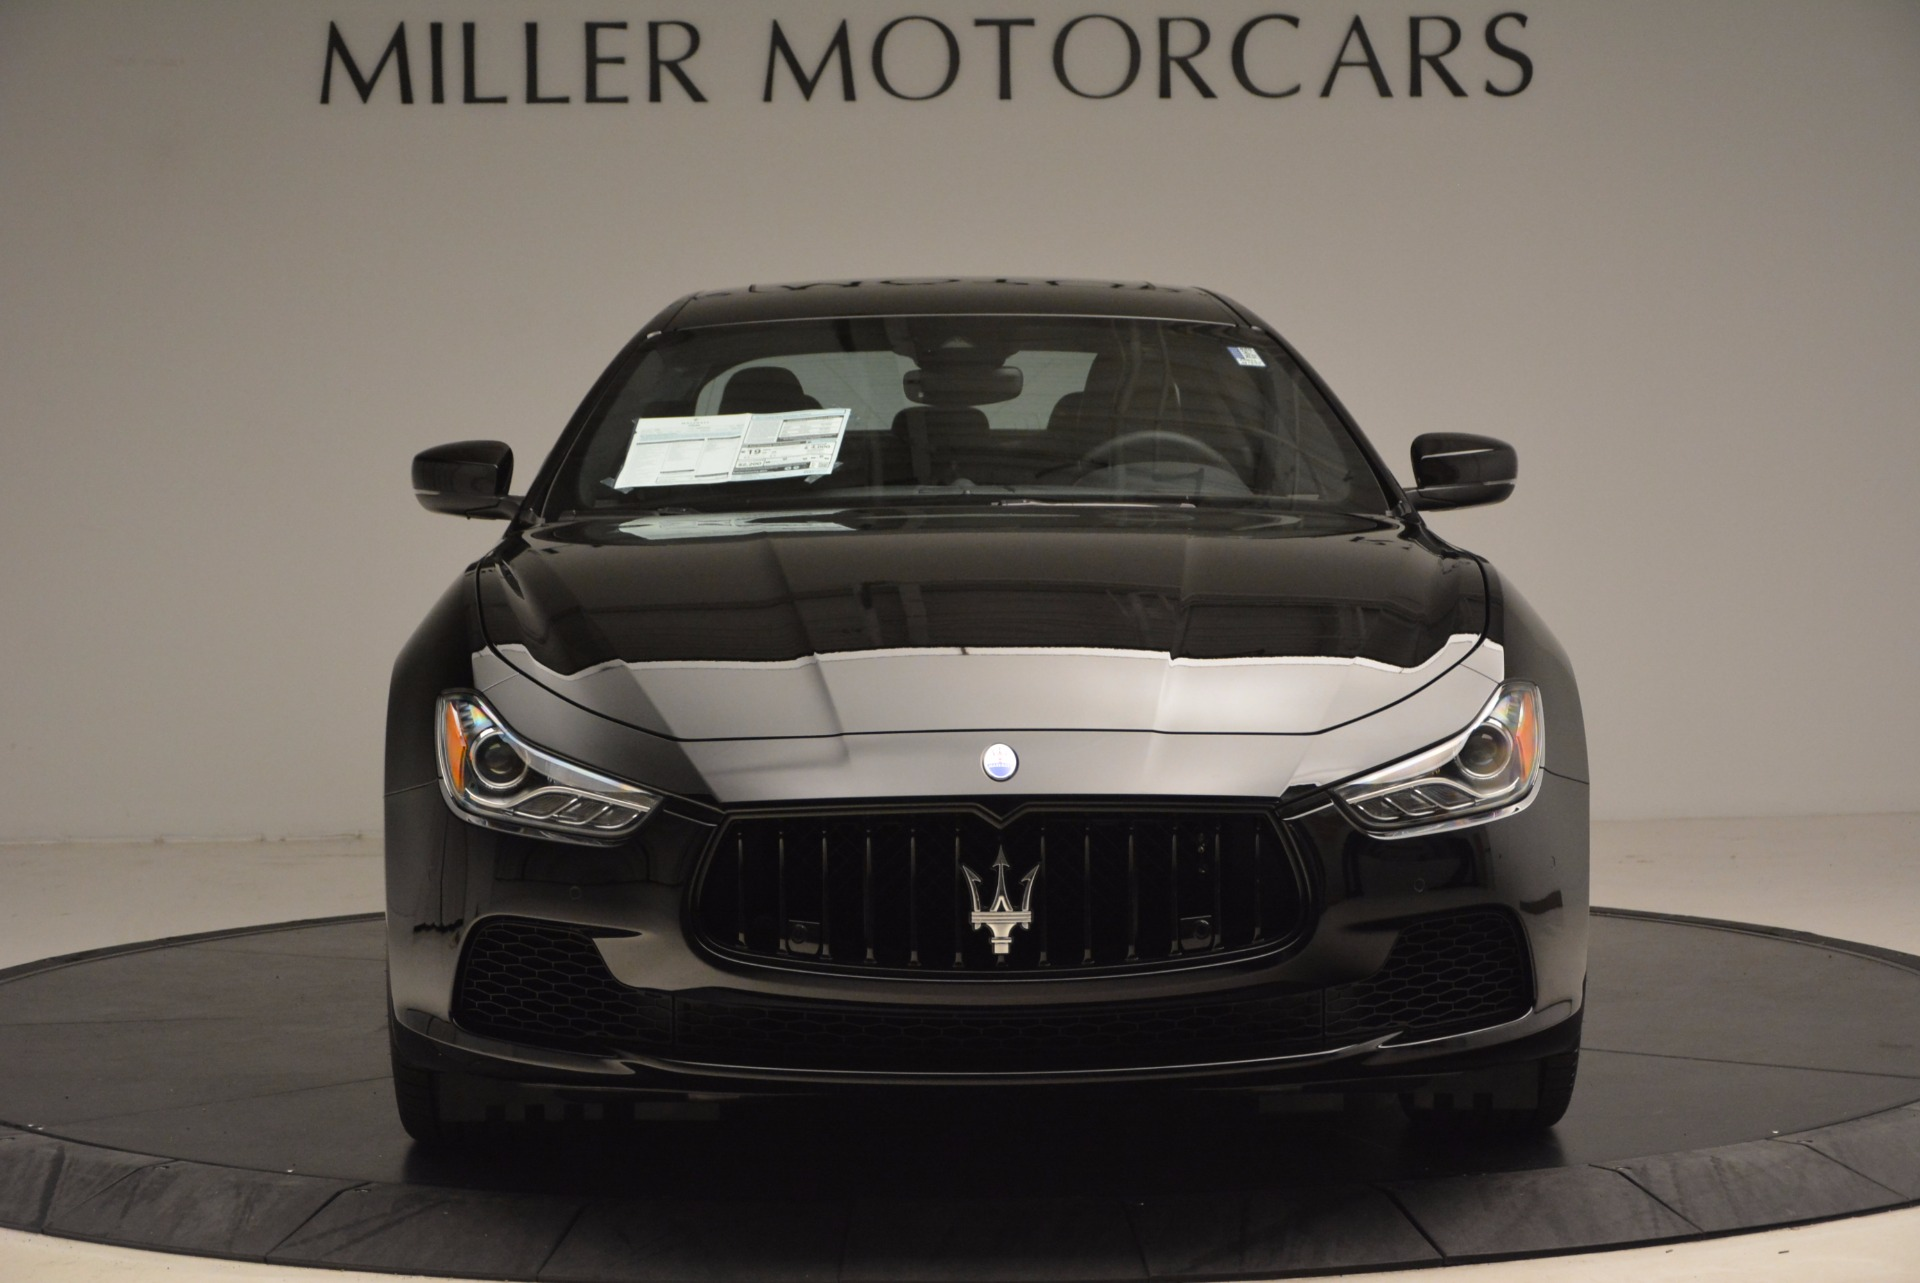 New 2017 Maserati Ghibli Nerissimo Edition S Q4 For Sale In Greenwich, CT 1391_p12